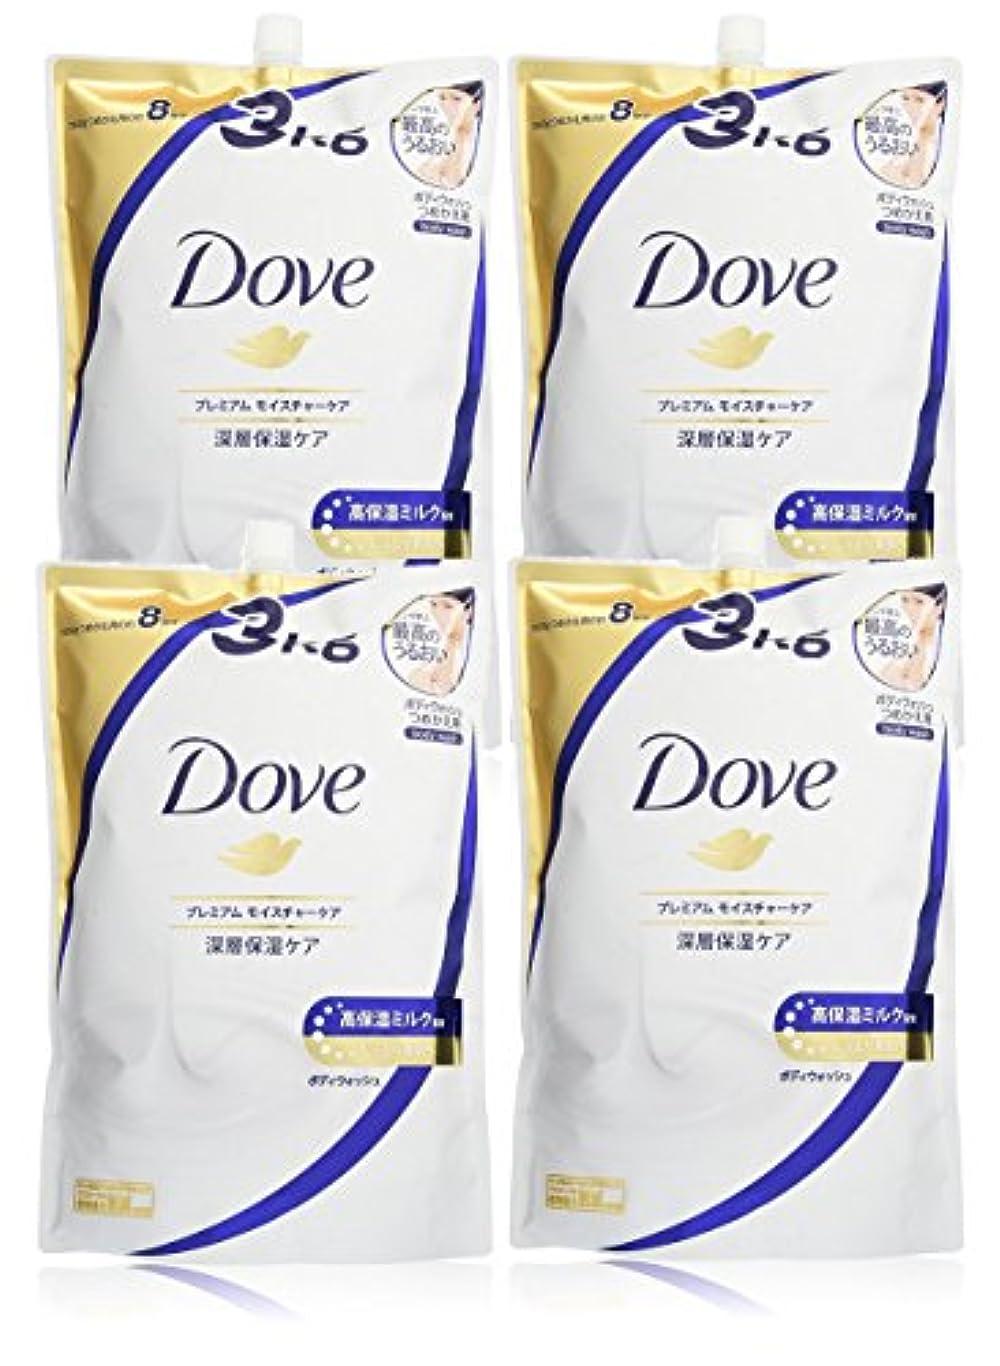 常識姉妹読書をする【ケース販売】 Dove(ダヴ) ボディウォッシュ プレミアム モイスチャーケア つめかえ用 3kg×4個